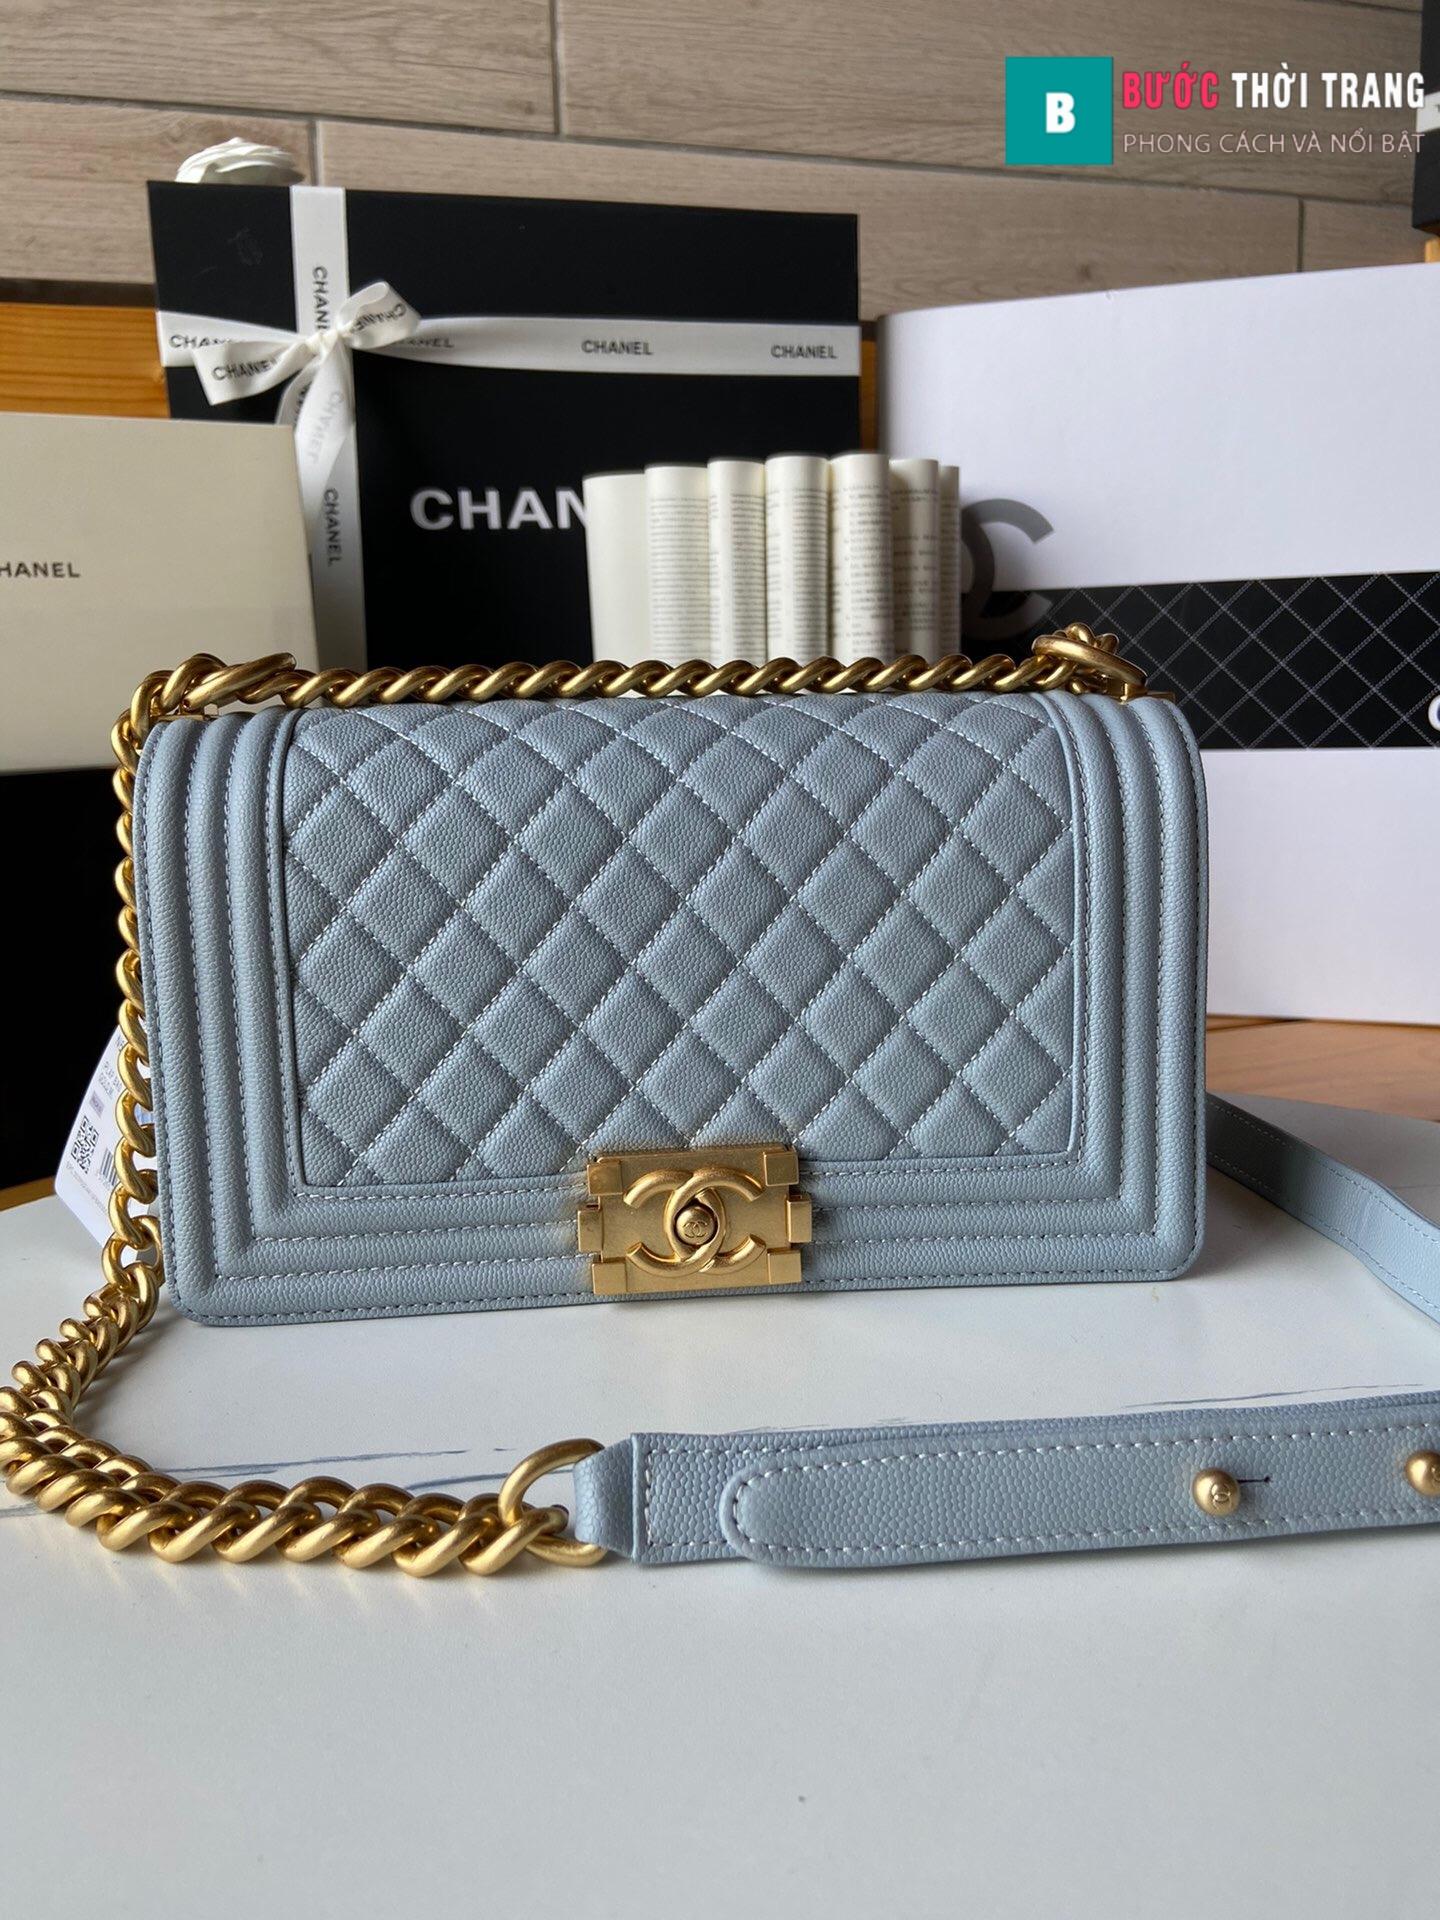 Túi xách Chanel boy siêu cấp – A67086 (19)